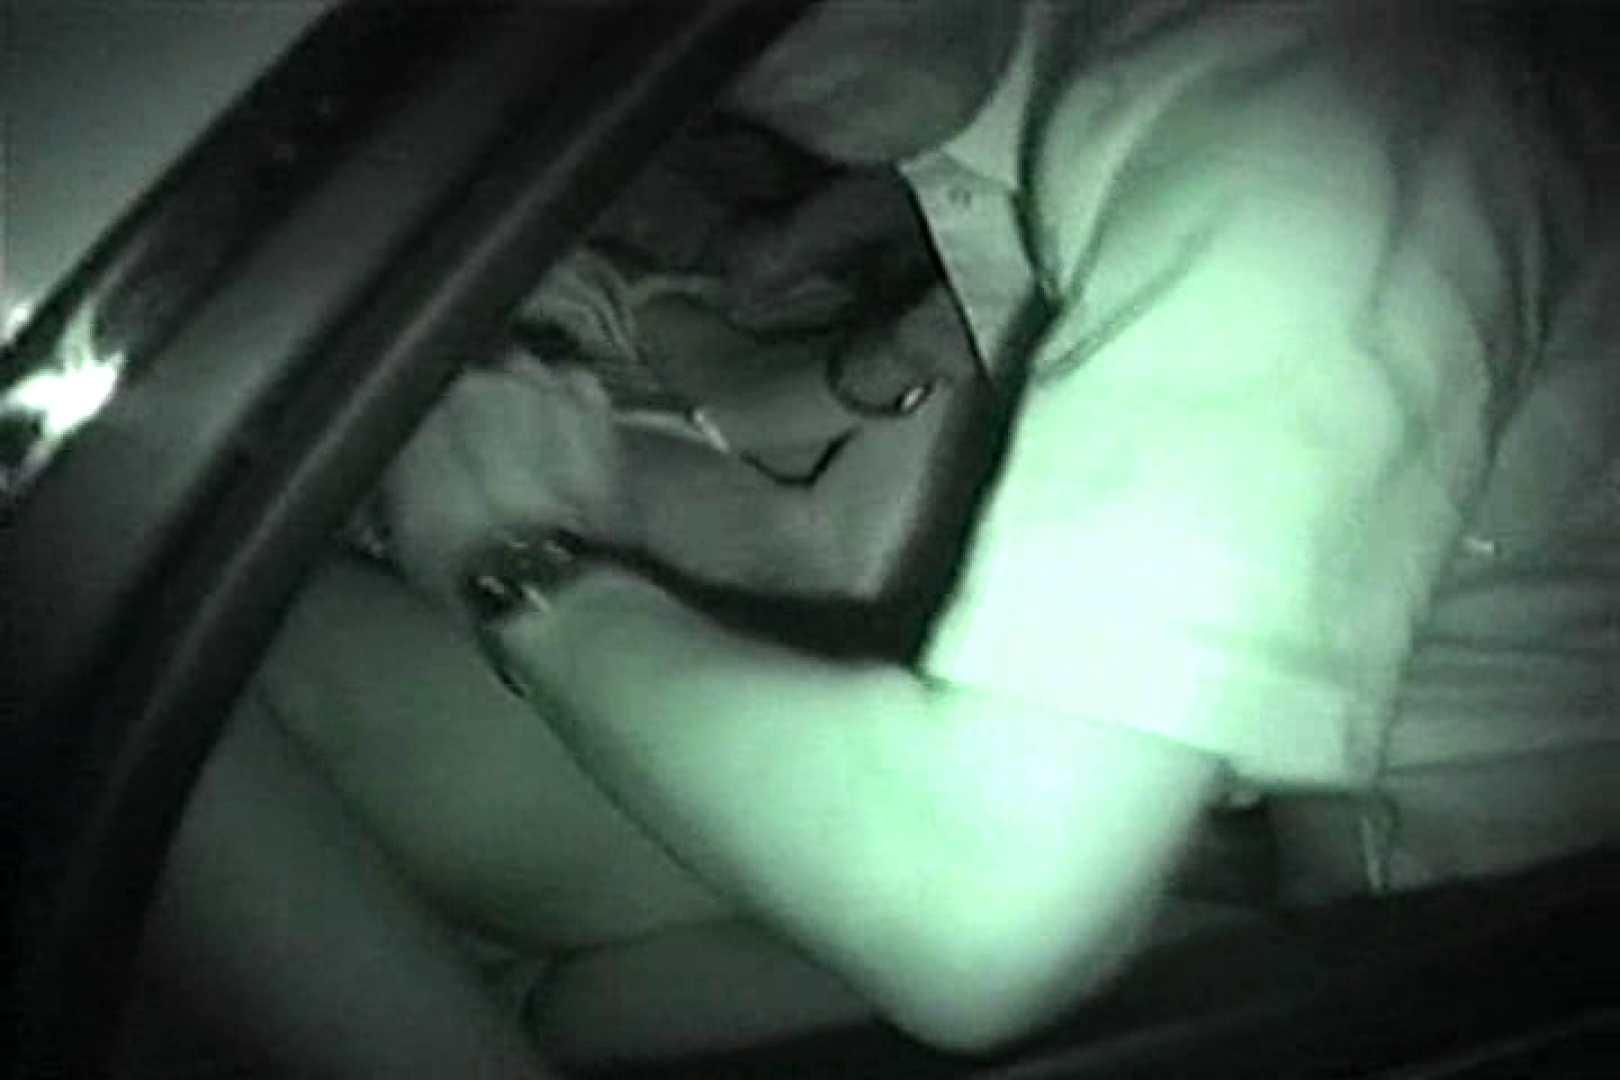 MASAさんの待ち伏せ撮り! 赤外線カーセックスVol.12 カーセックス盗撮 セックス画像 80pic 69